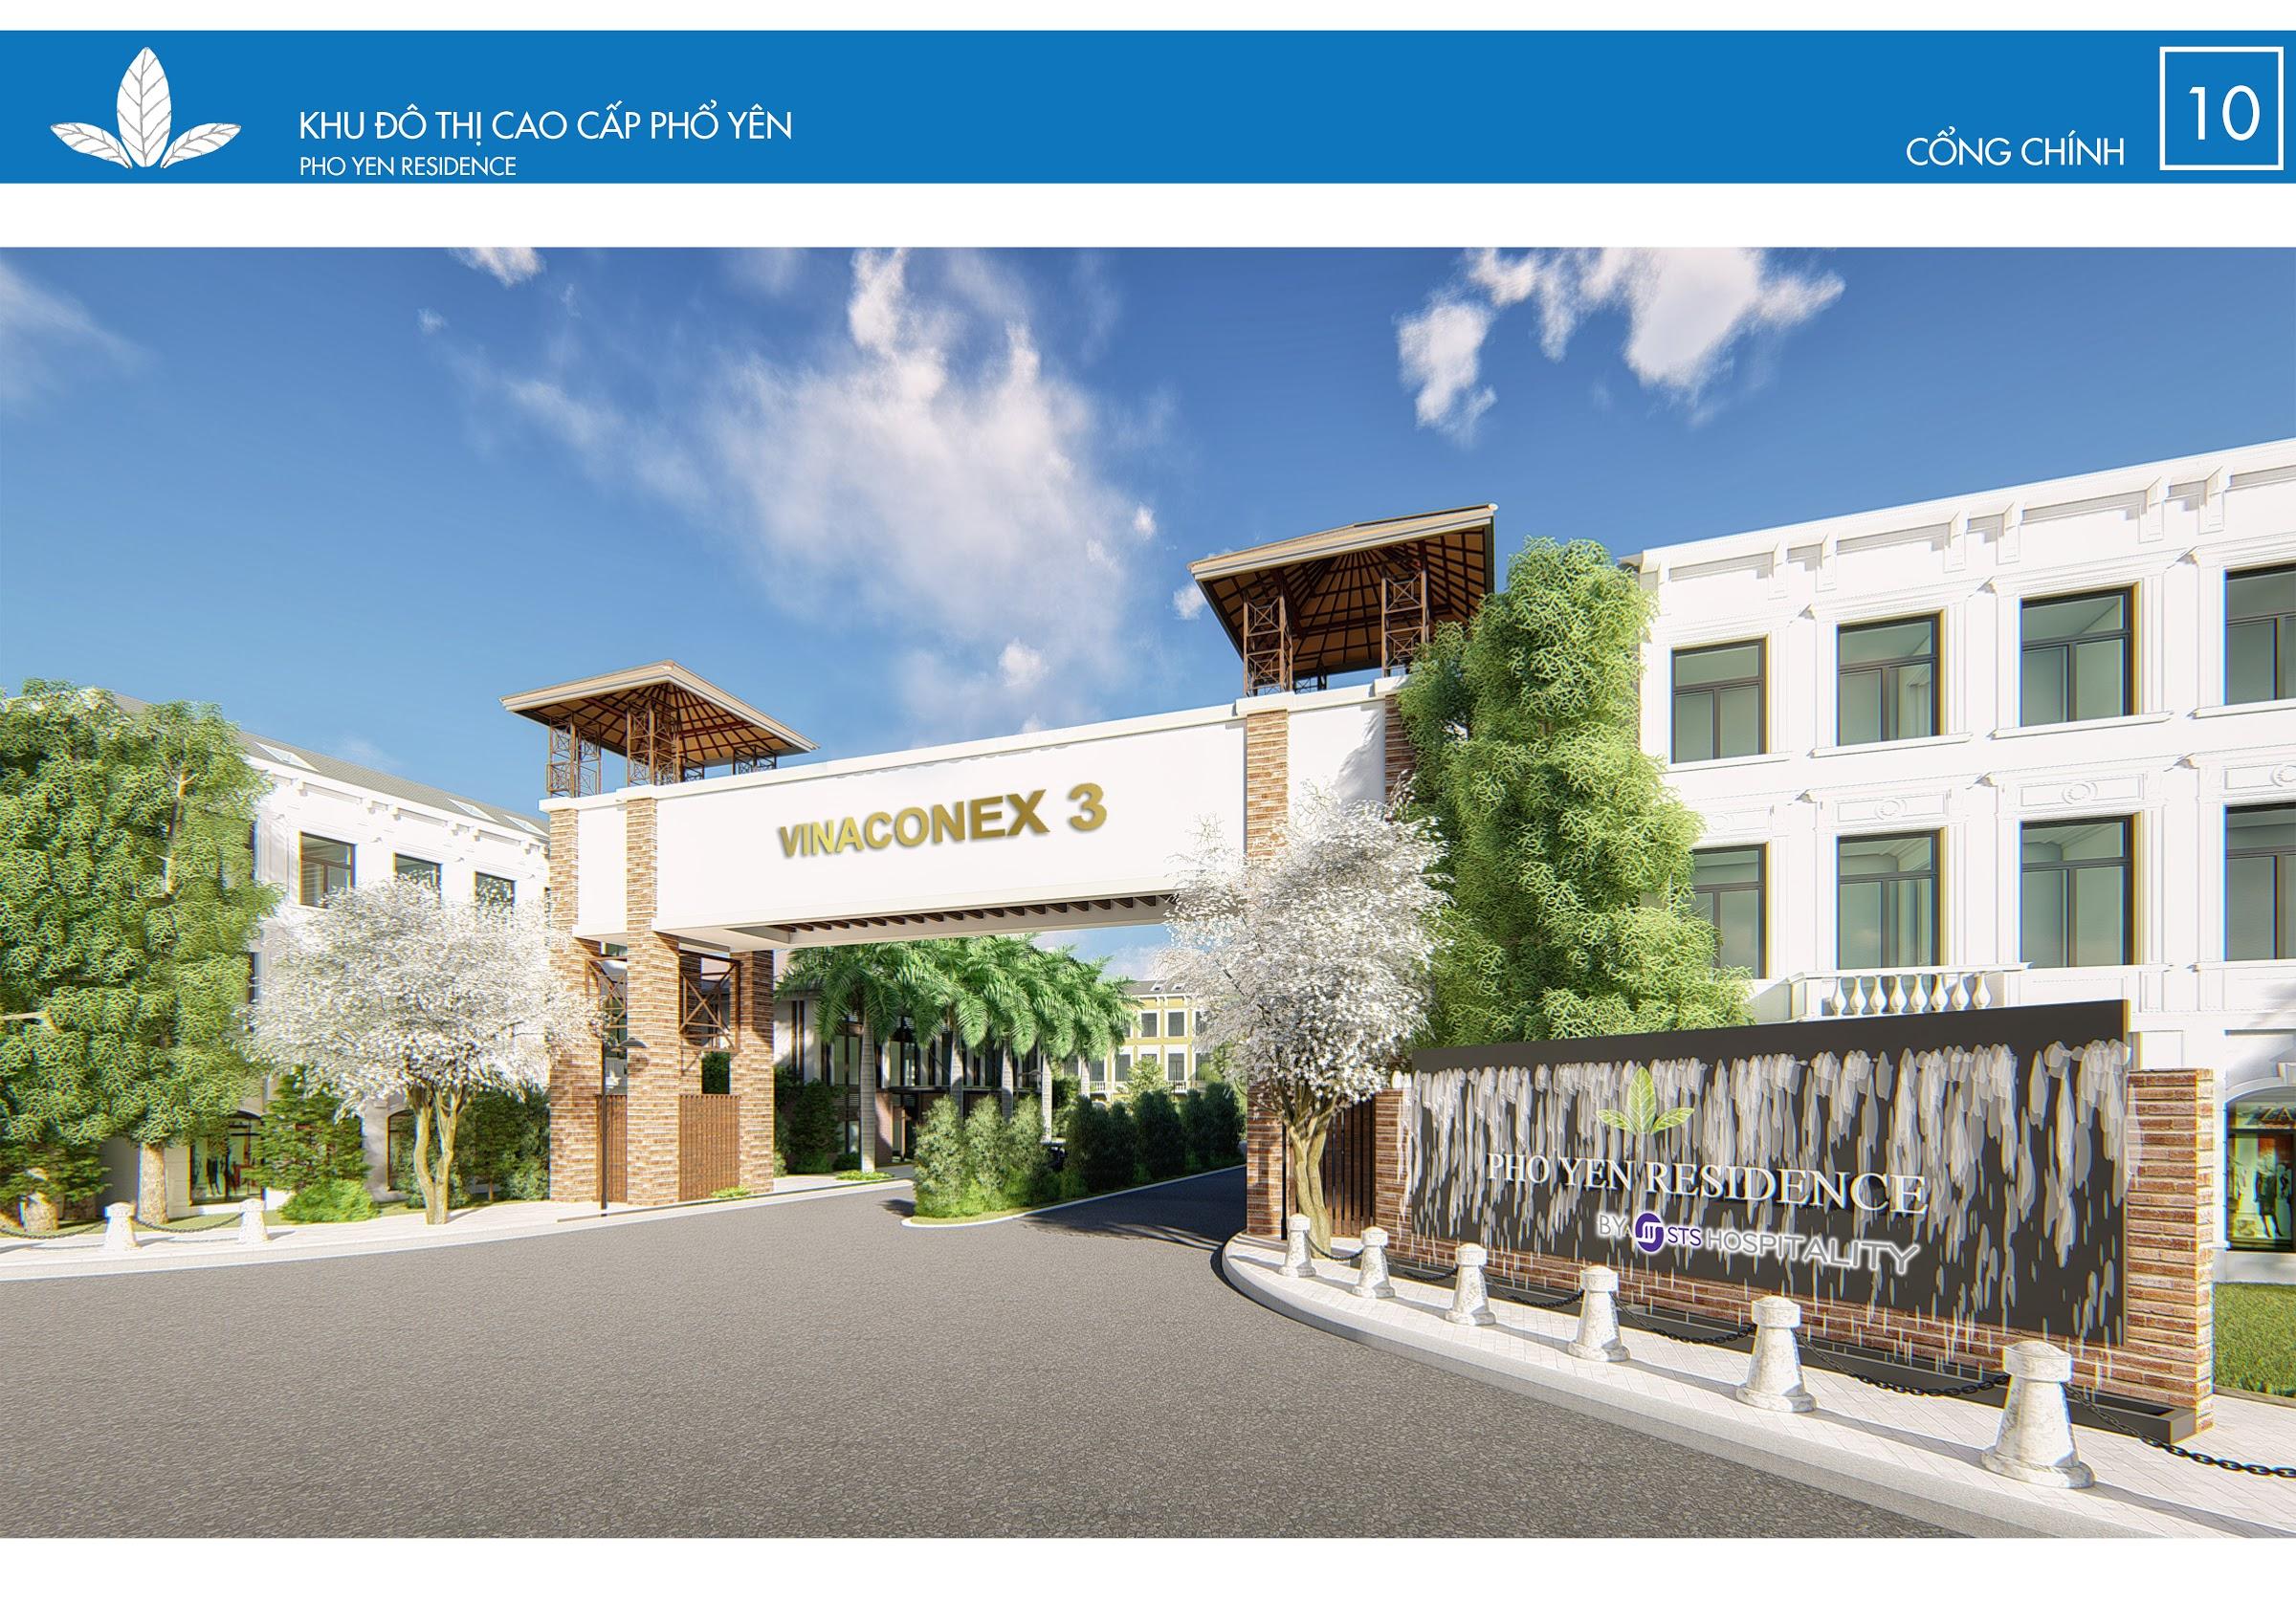 Cơ hội đầu tư bứt phá dự án Phổ Yên Residence – Vinaconex 3 Phổ Yên